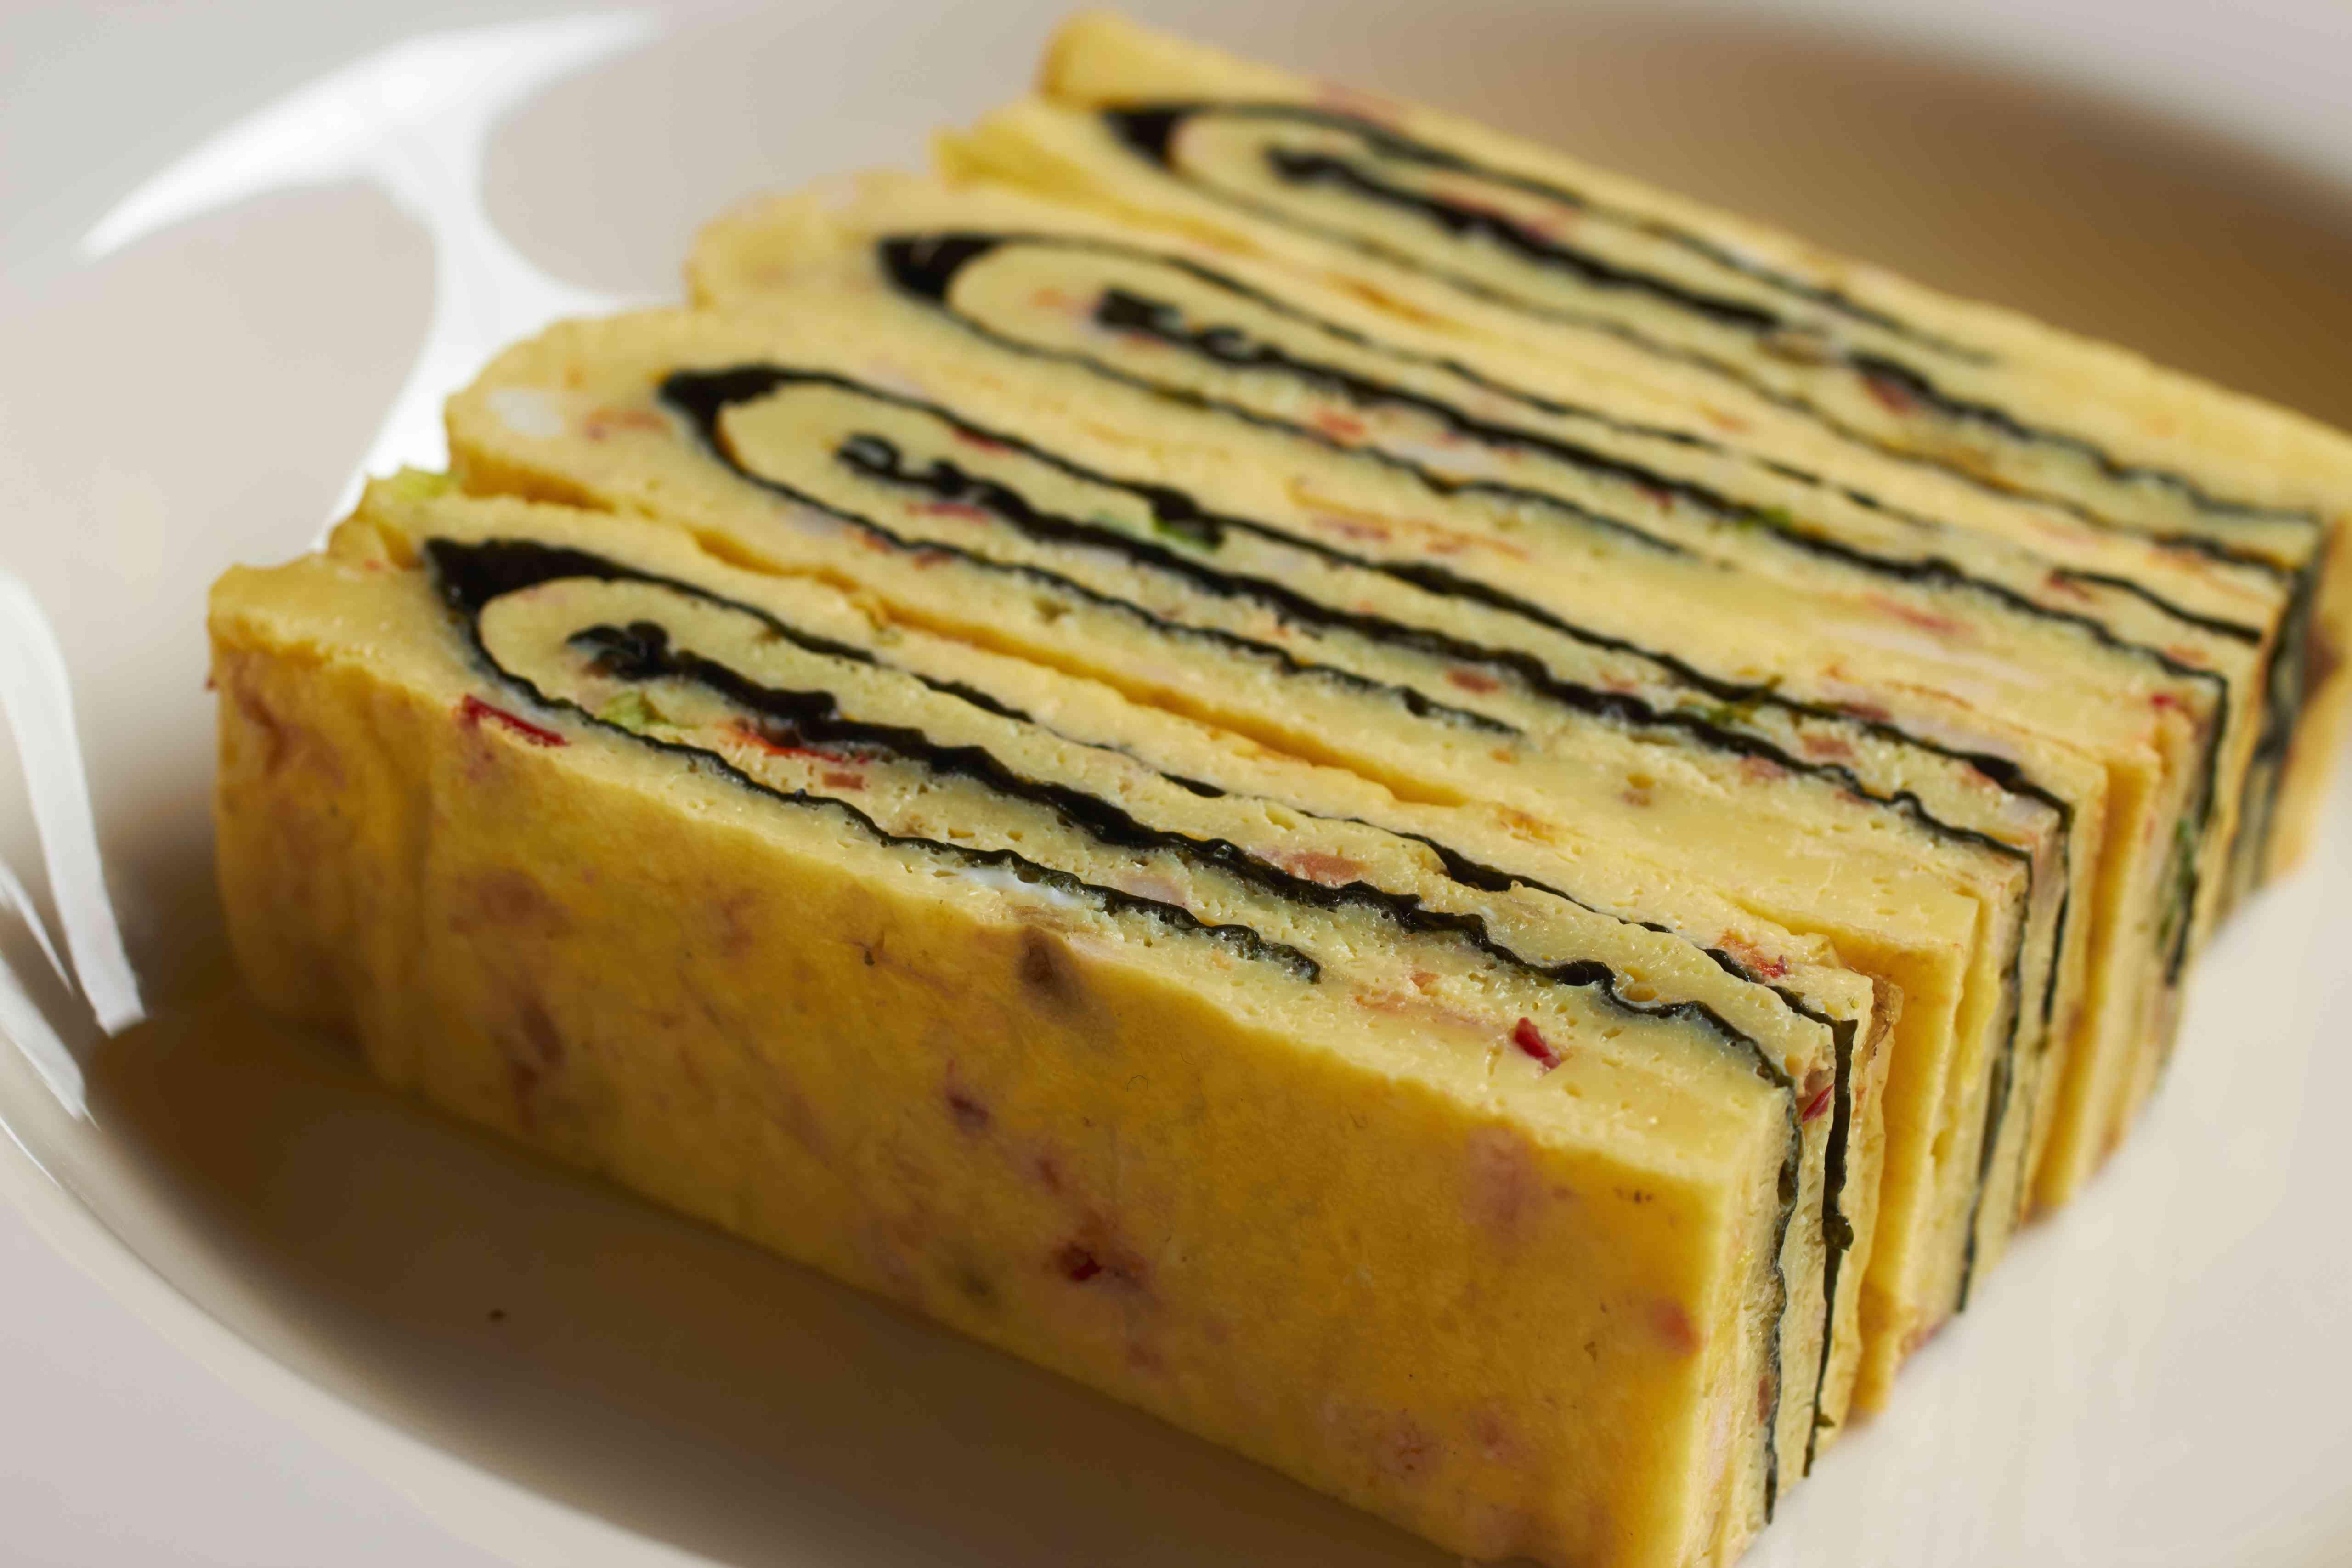 Korean style rolled omlette